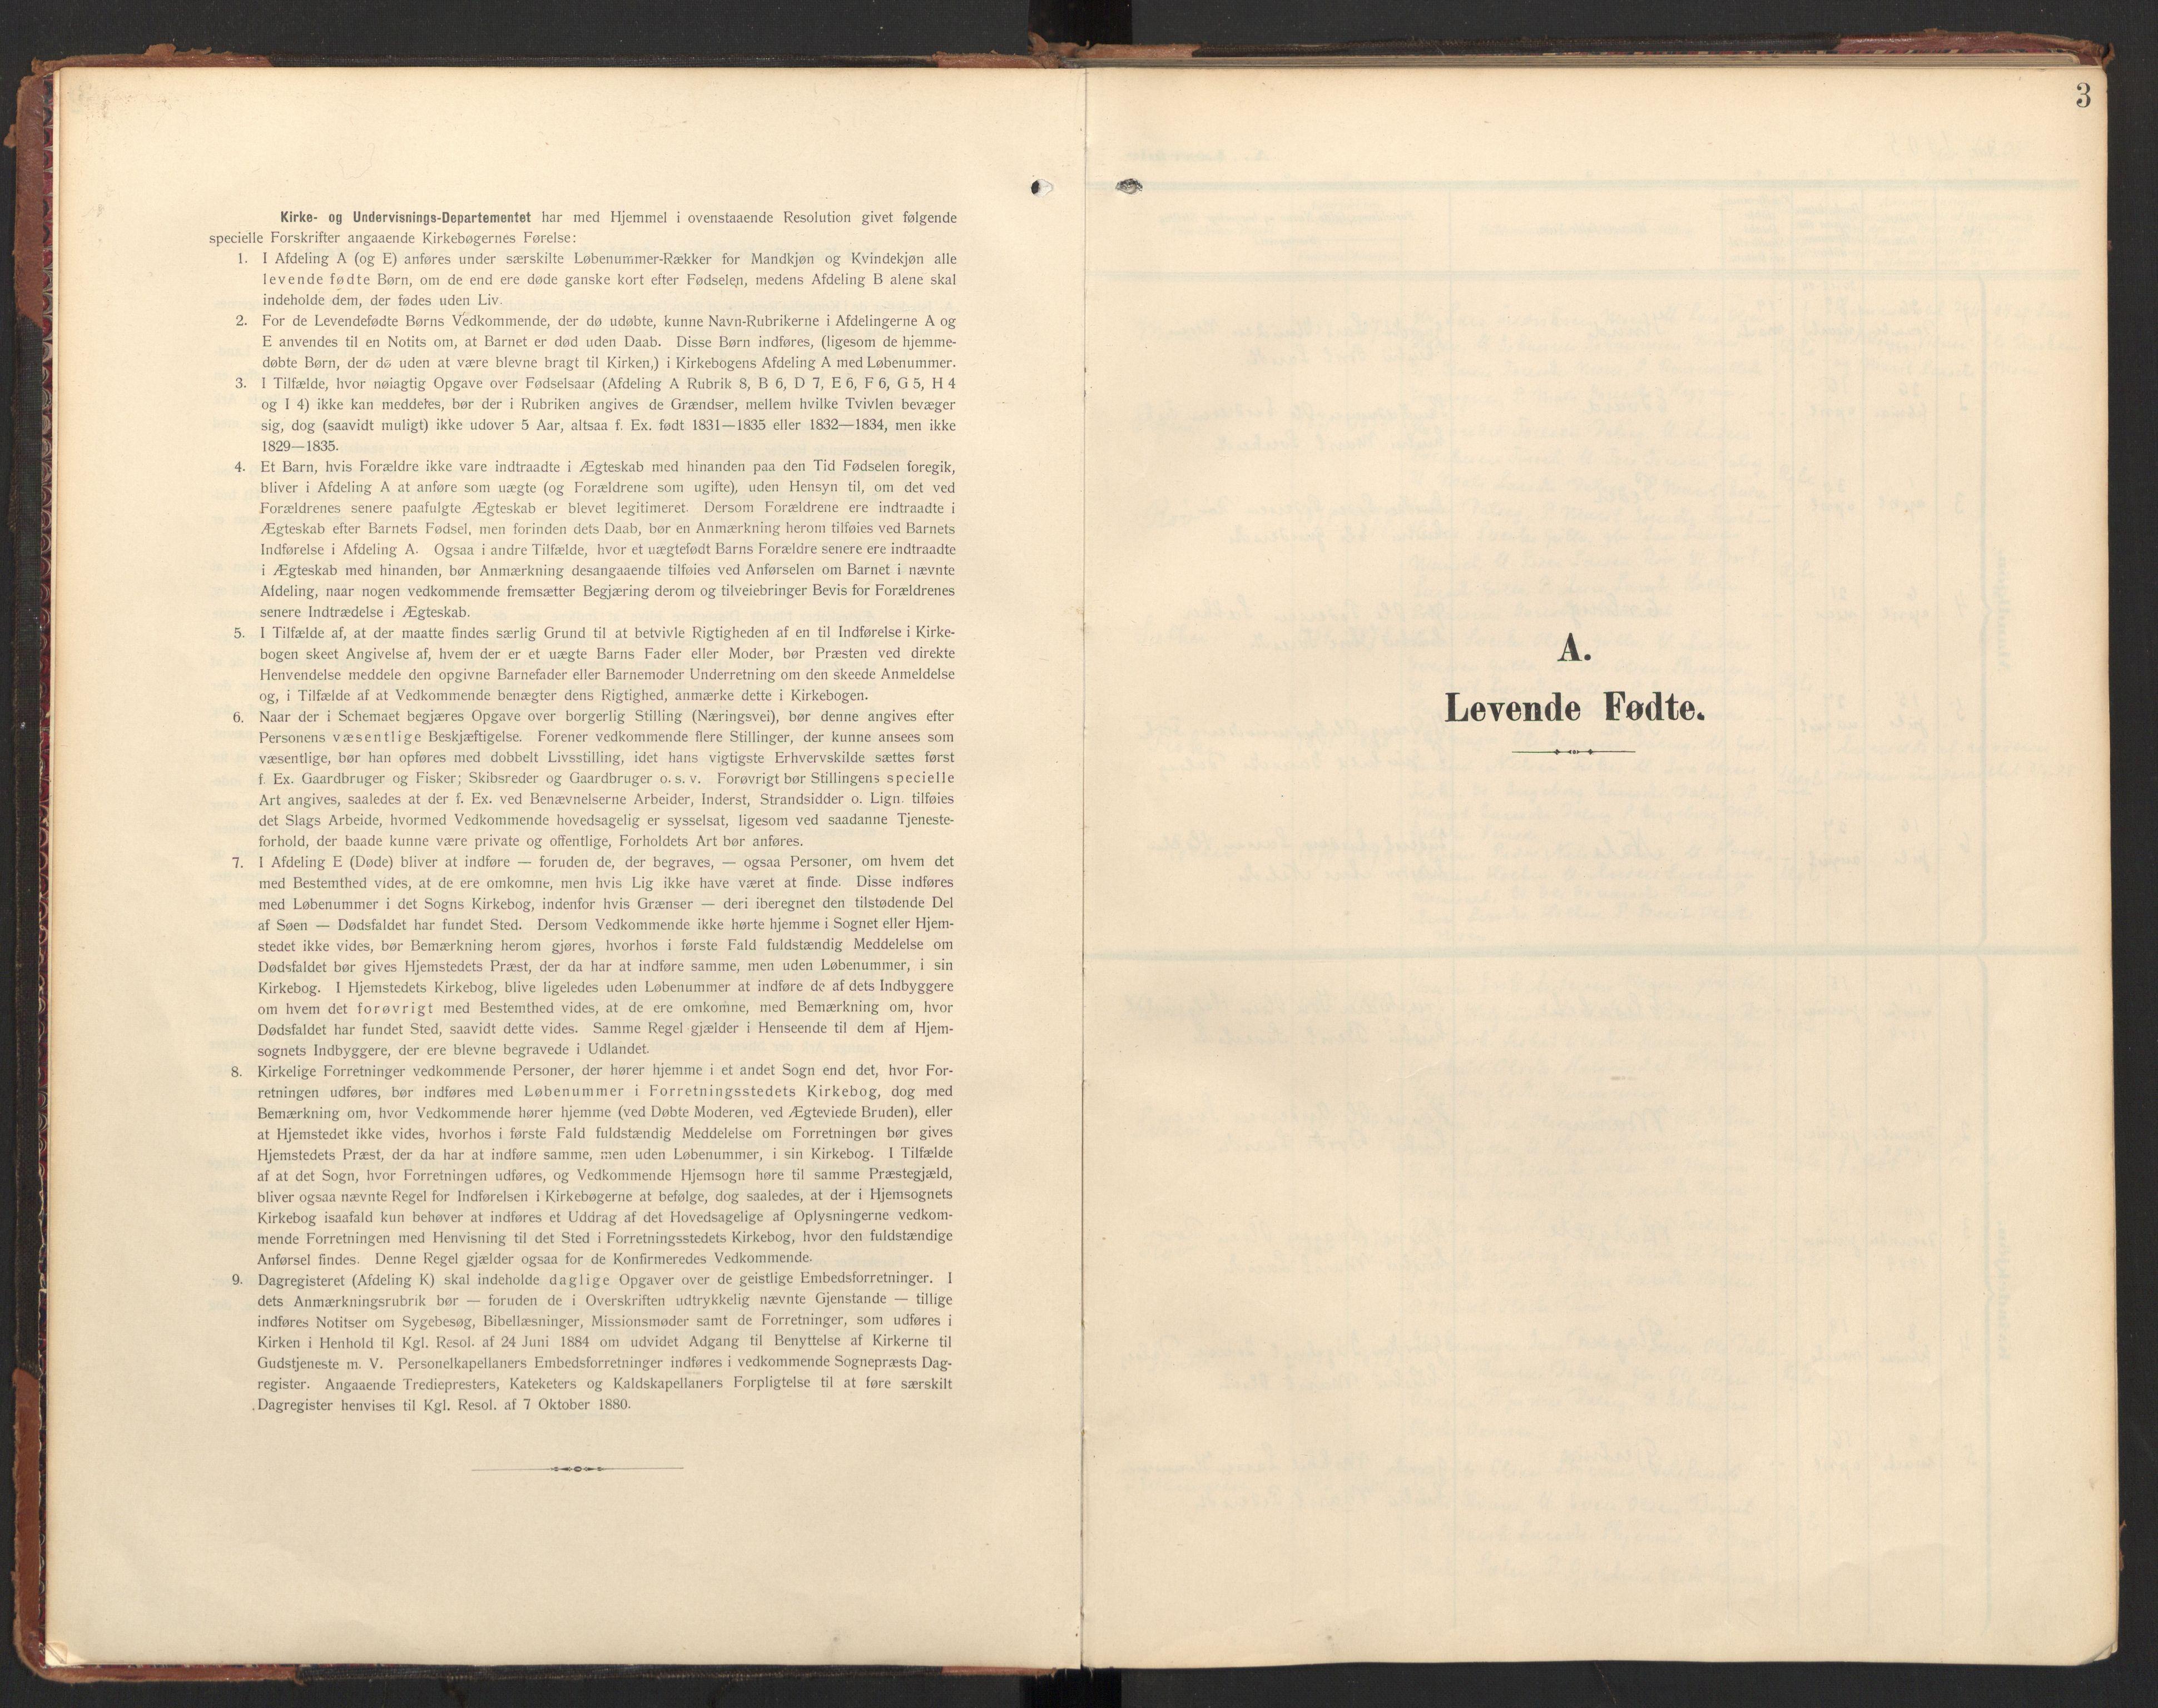 SAT, Ministerialprotokoller, klokkerbøker og fødselsregistre - Møre og Romsdal, 597/L1063: Ministerialbok nr. 597A02, 1905-1923, s. 3